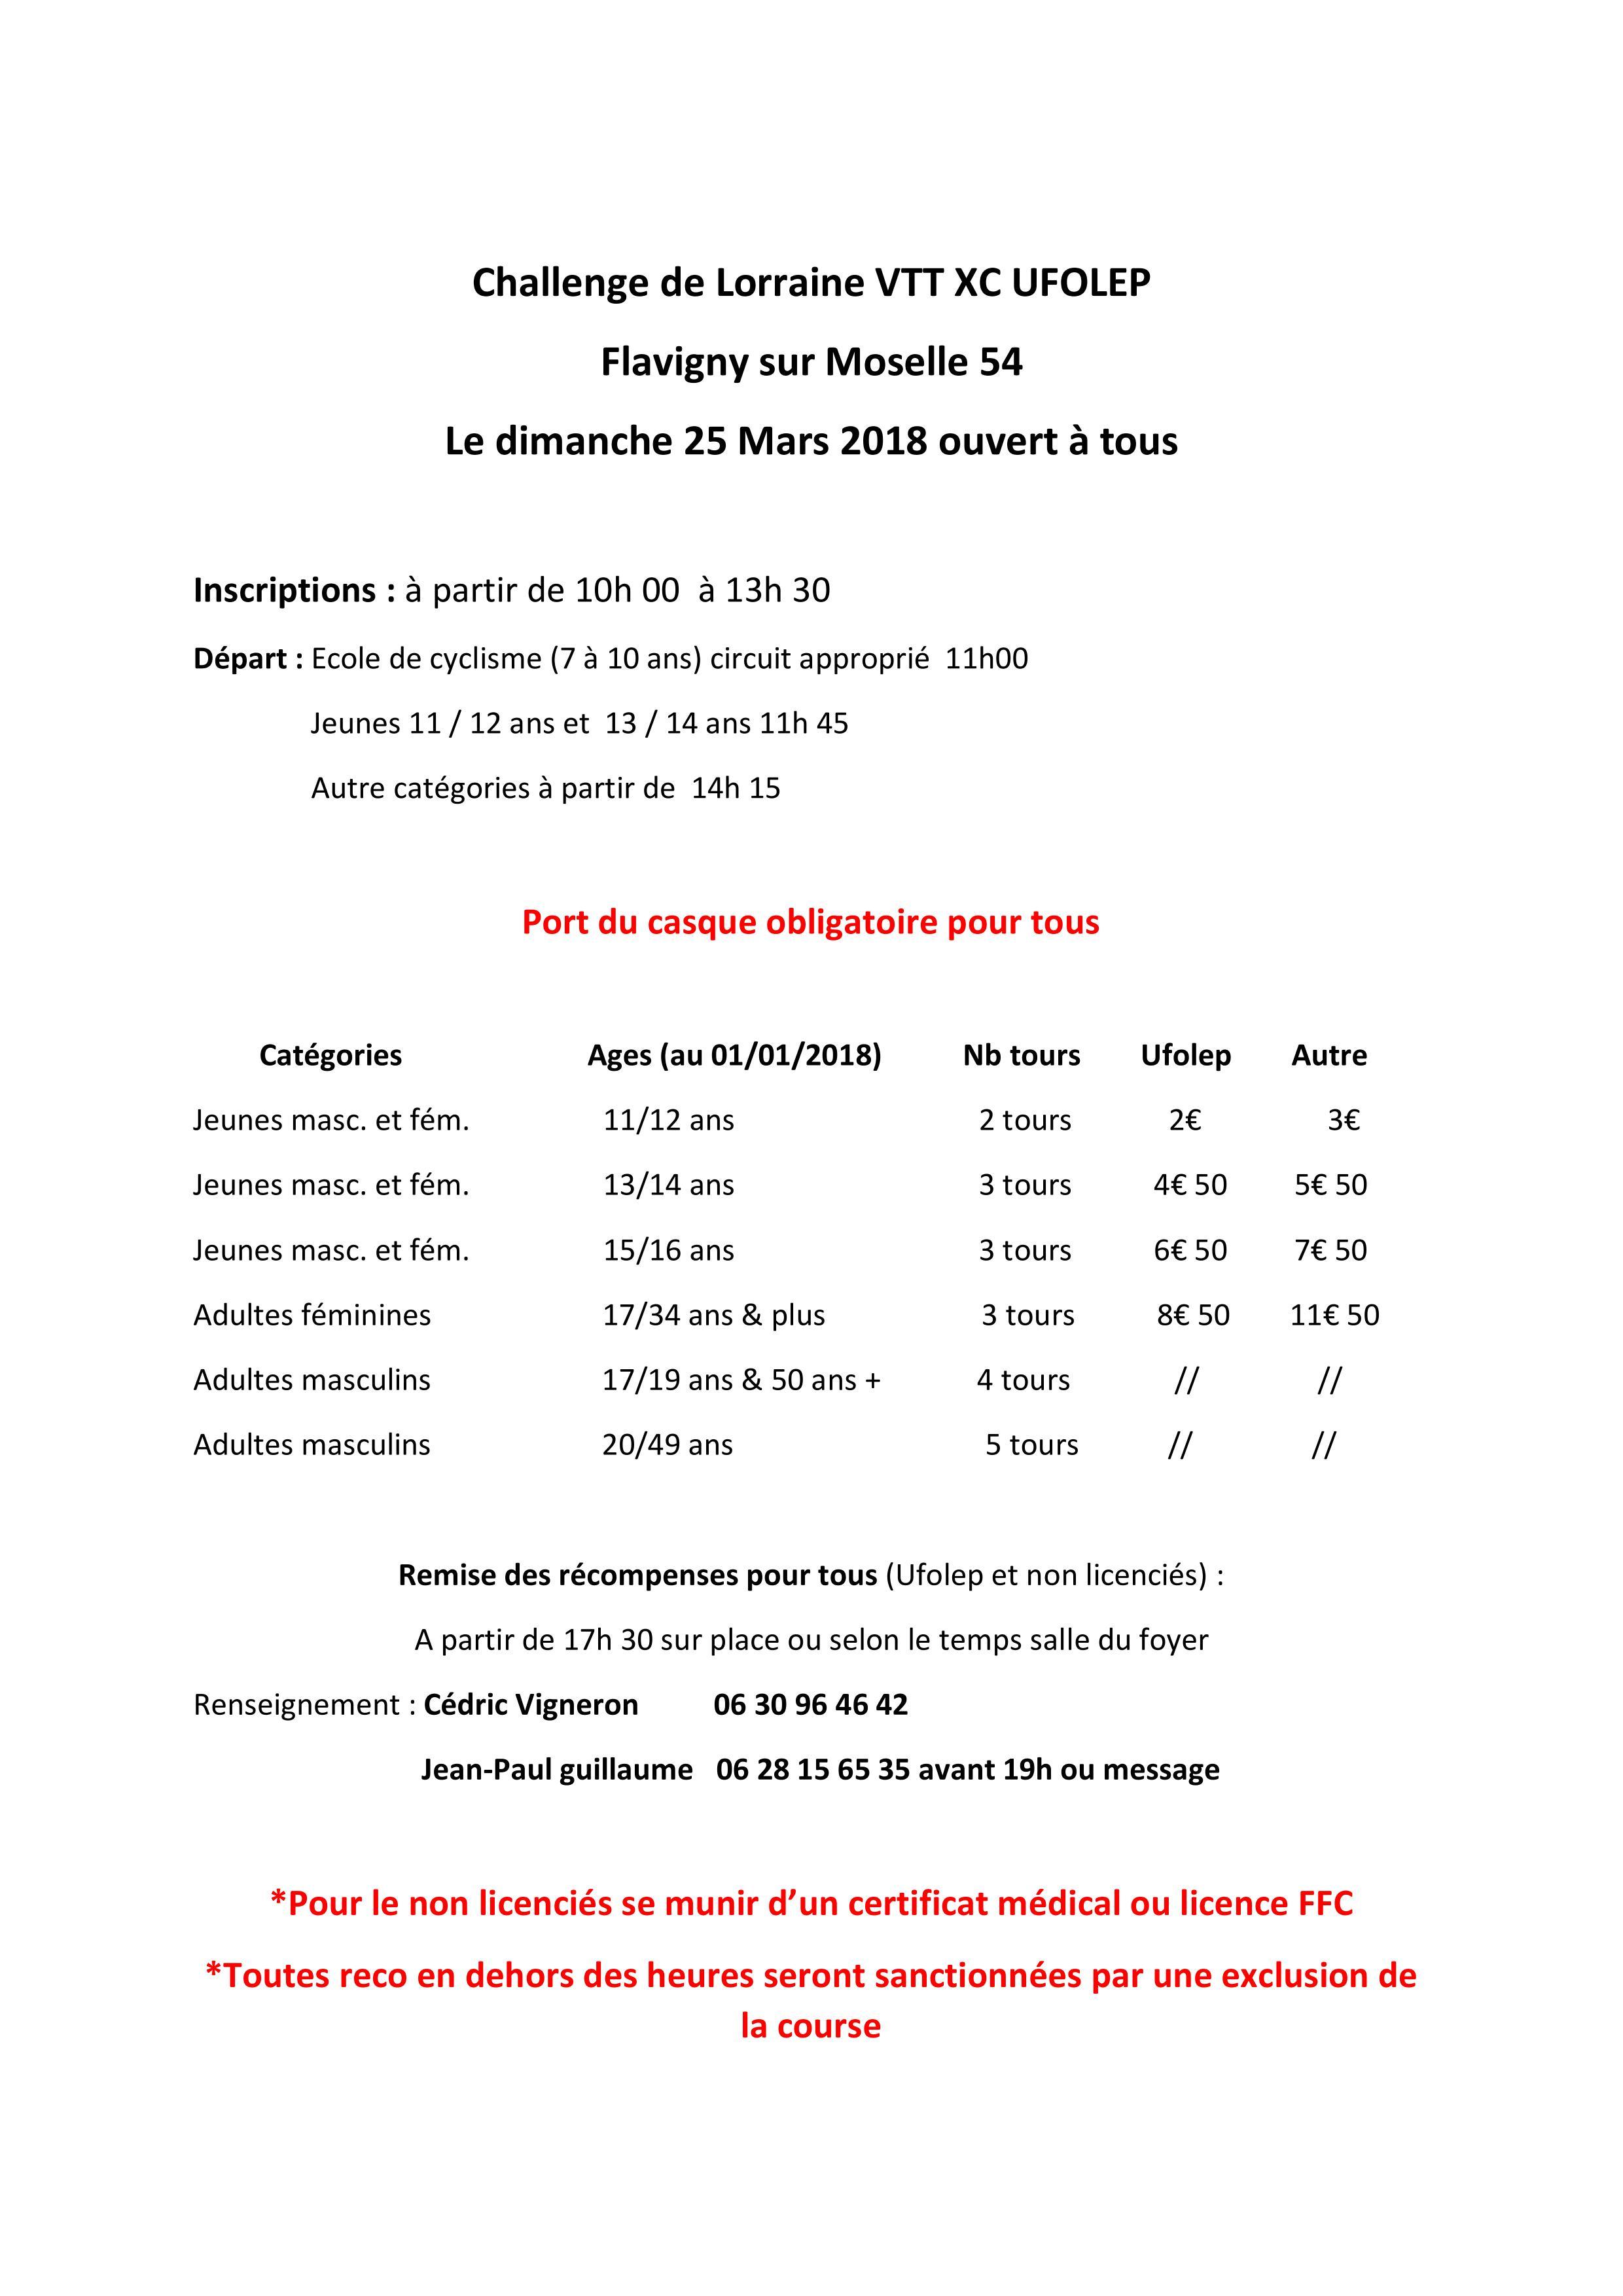 Challenge de_Lorraine_VTT_XC_UFOLEP_affiche_01